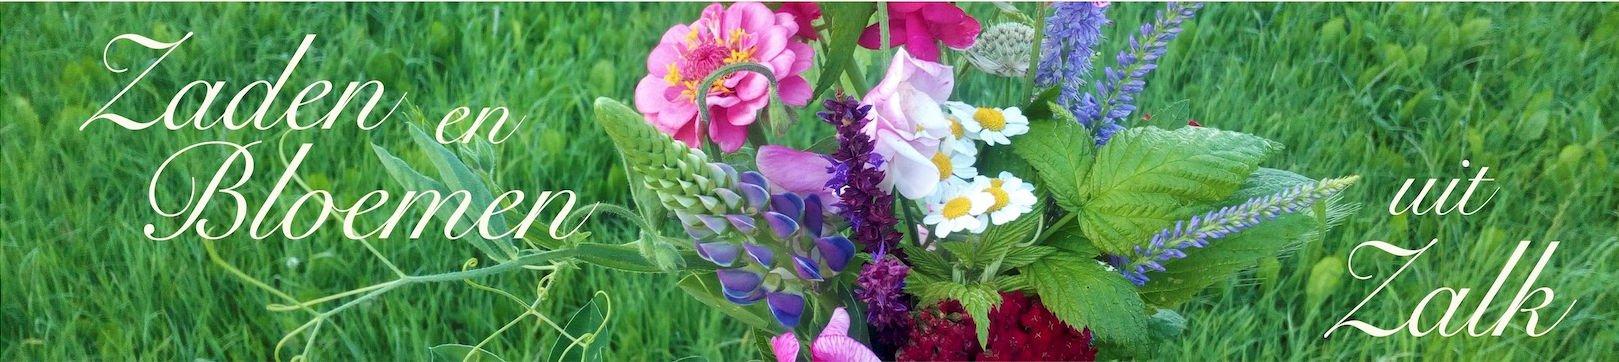 Zaden en Bloemen uit Zalk